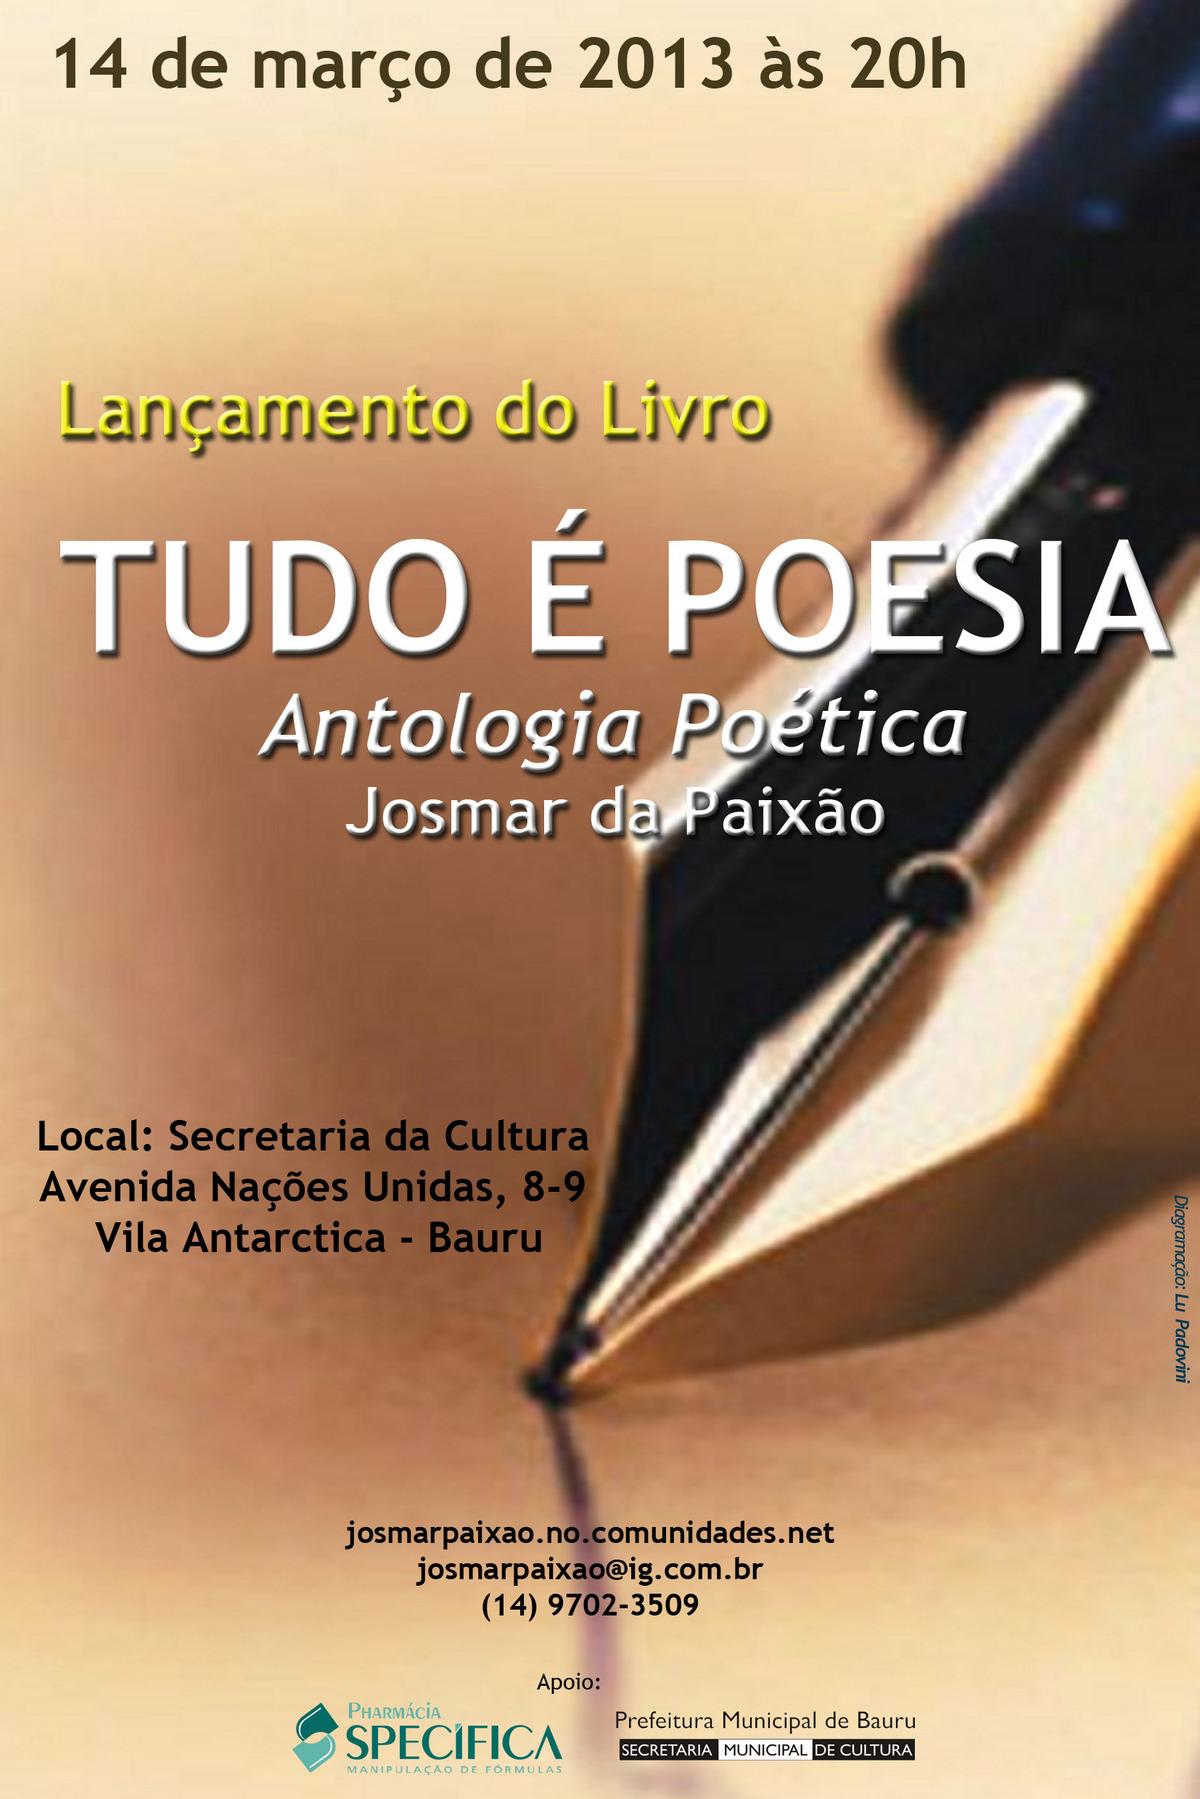 14/03/13 LANÇAMENTO DO LIVRO